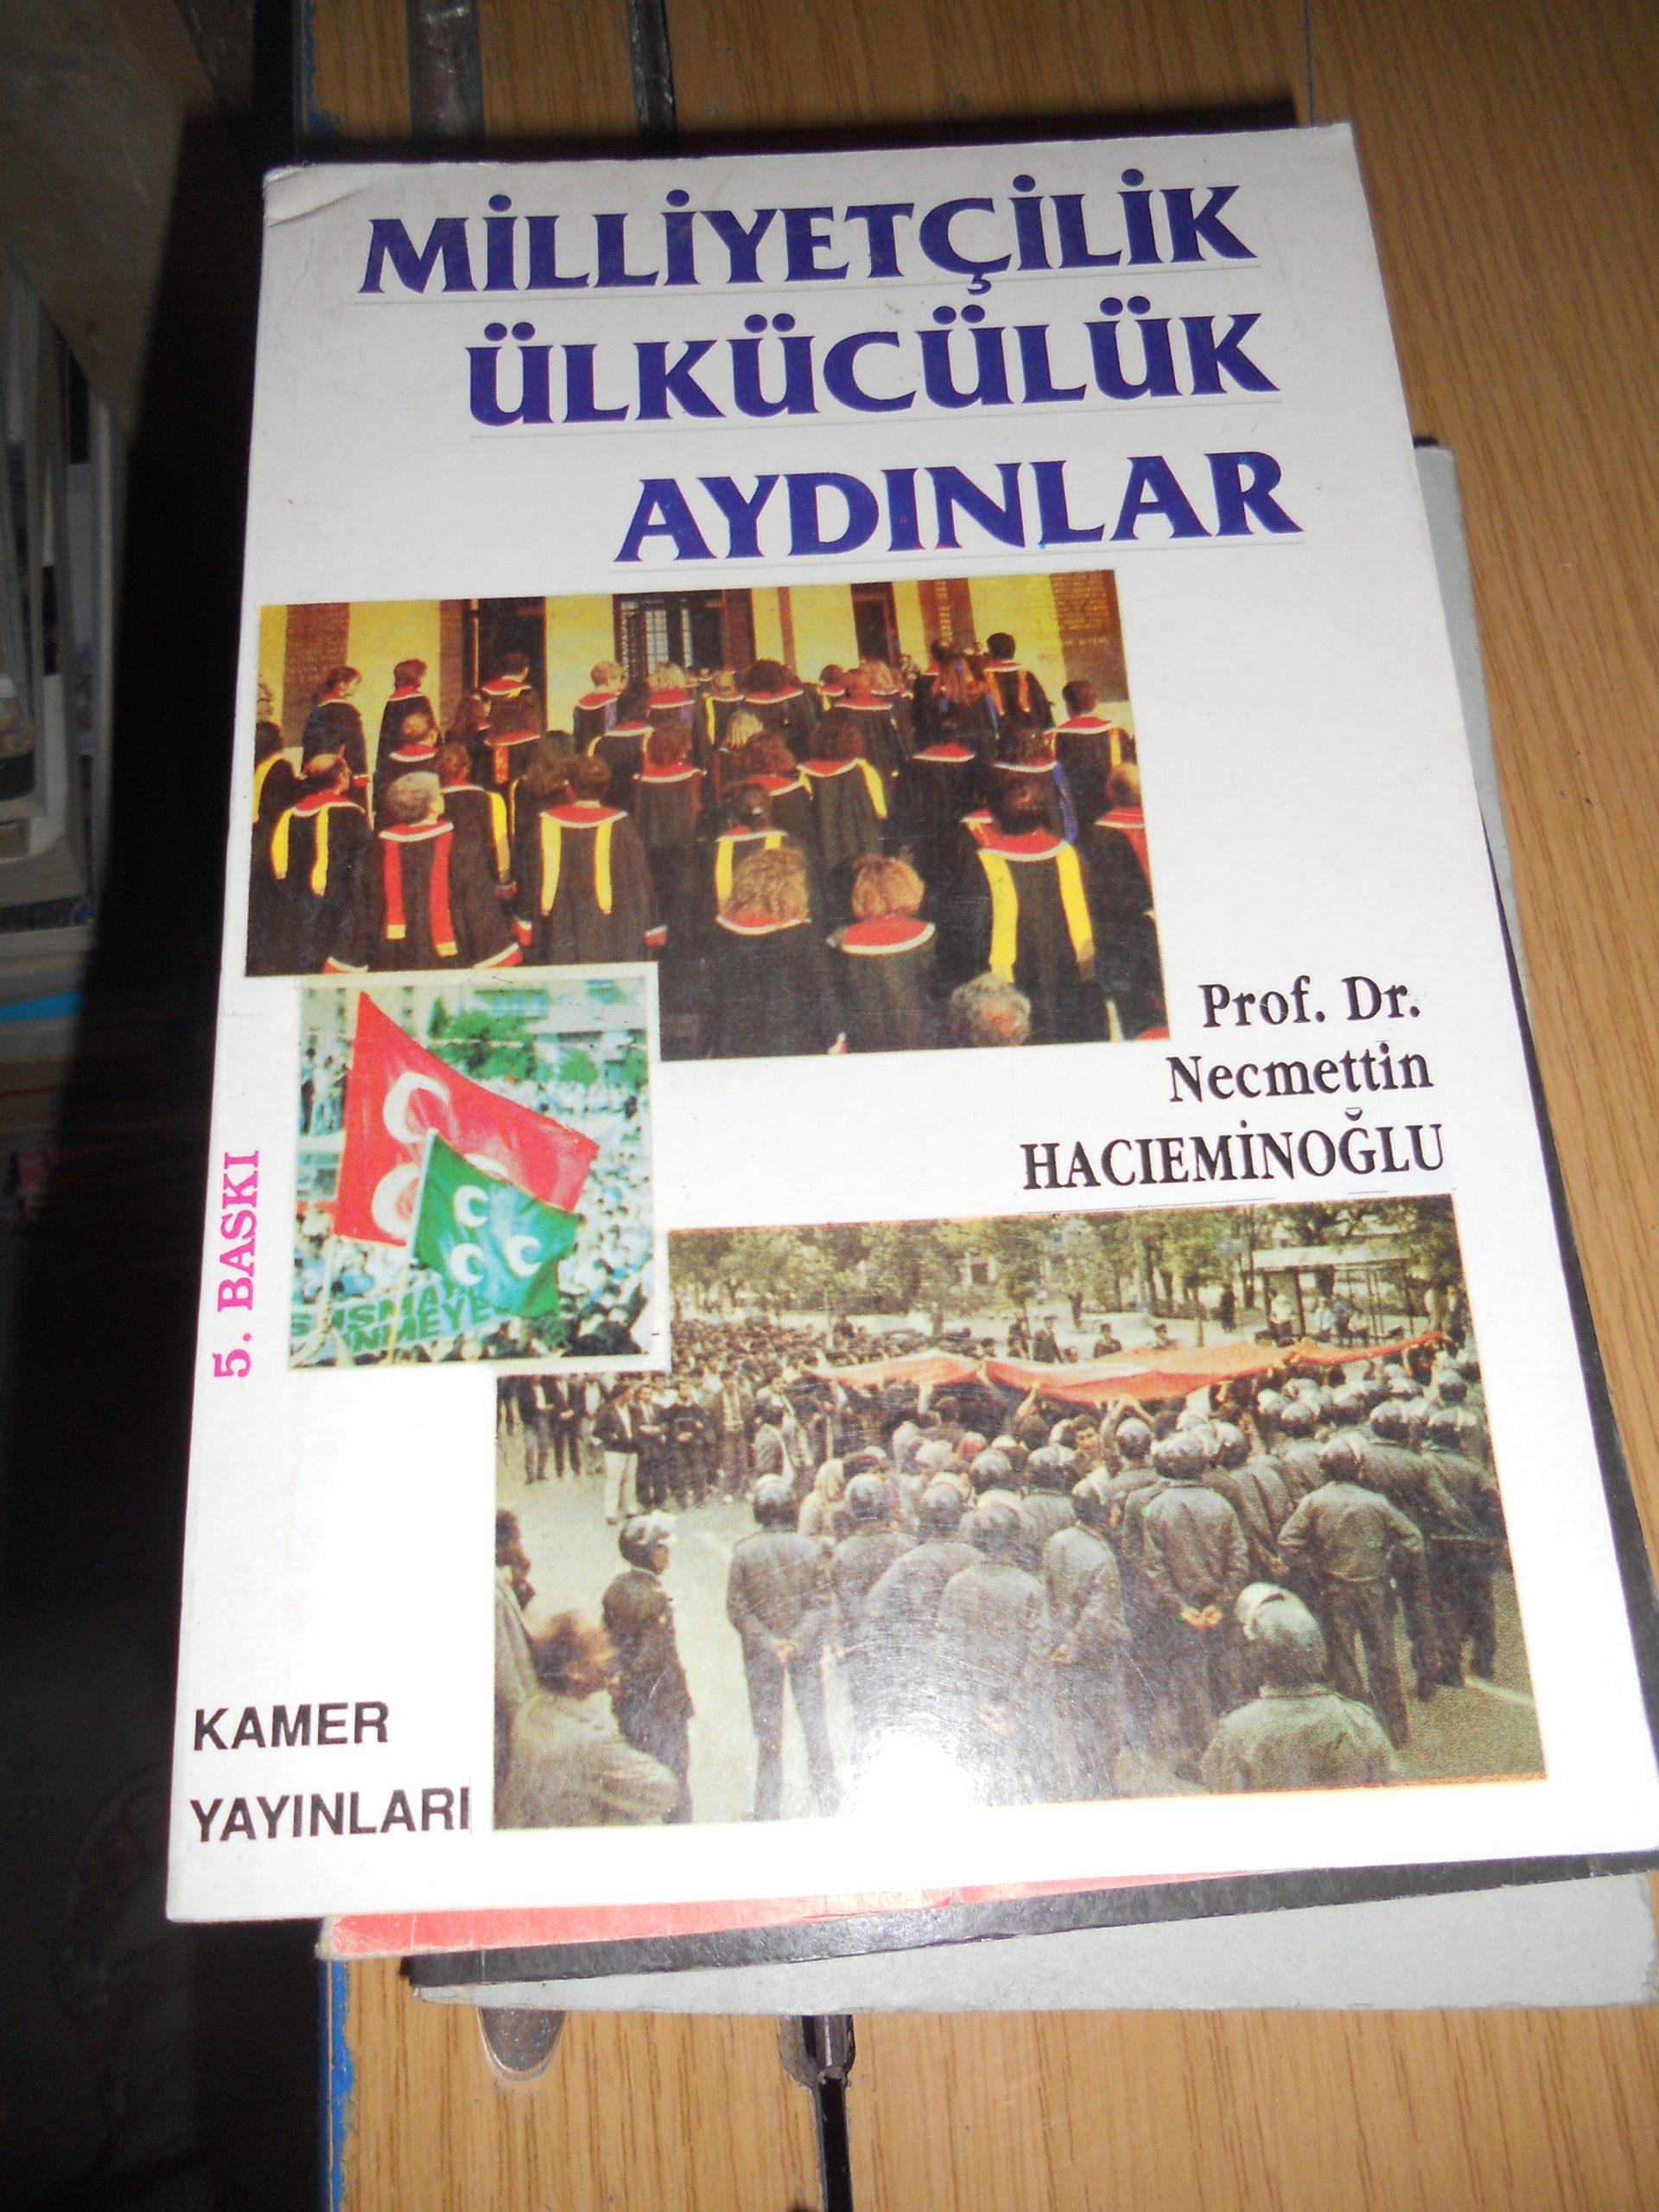 MİLLİYETÇİLİK-ÜLKÜCÜLÜK-AYDINLAR/Prof.Dr.N.HACIEMİNOĞLU/15 TL